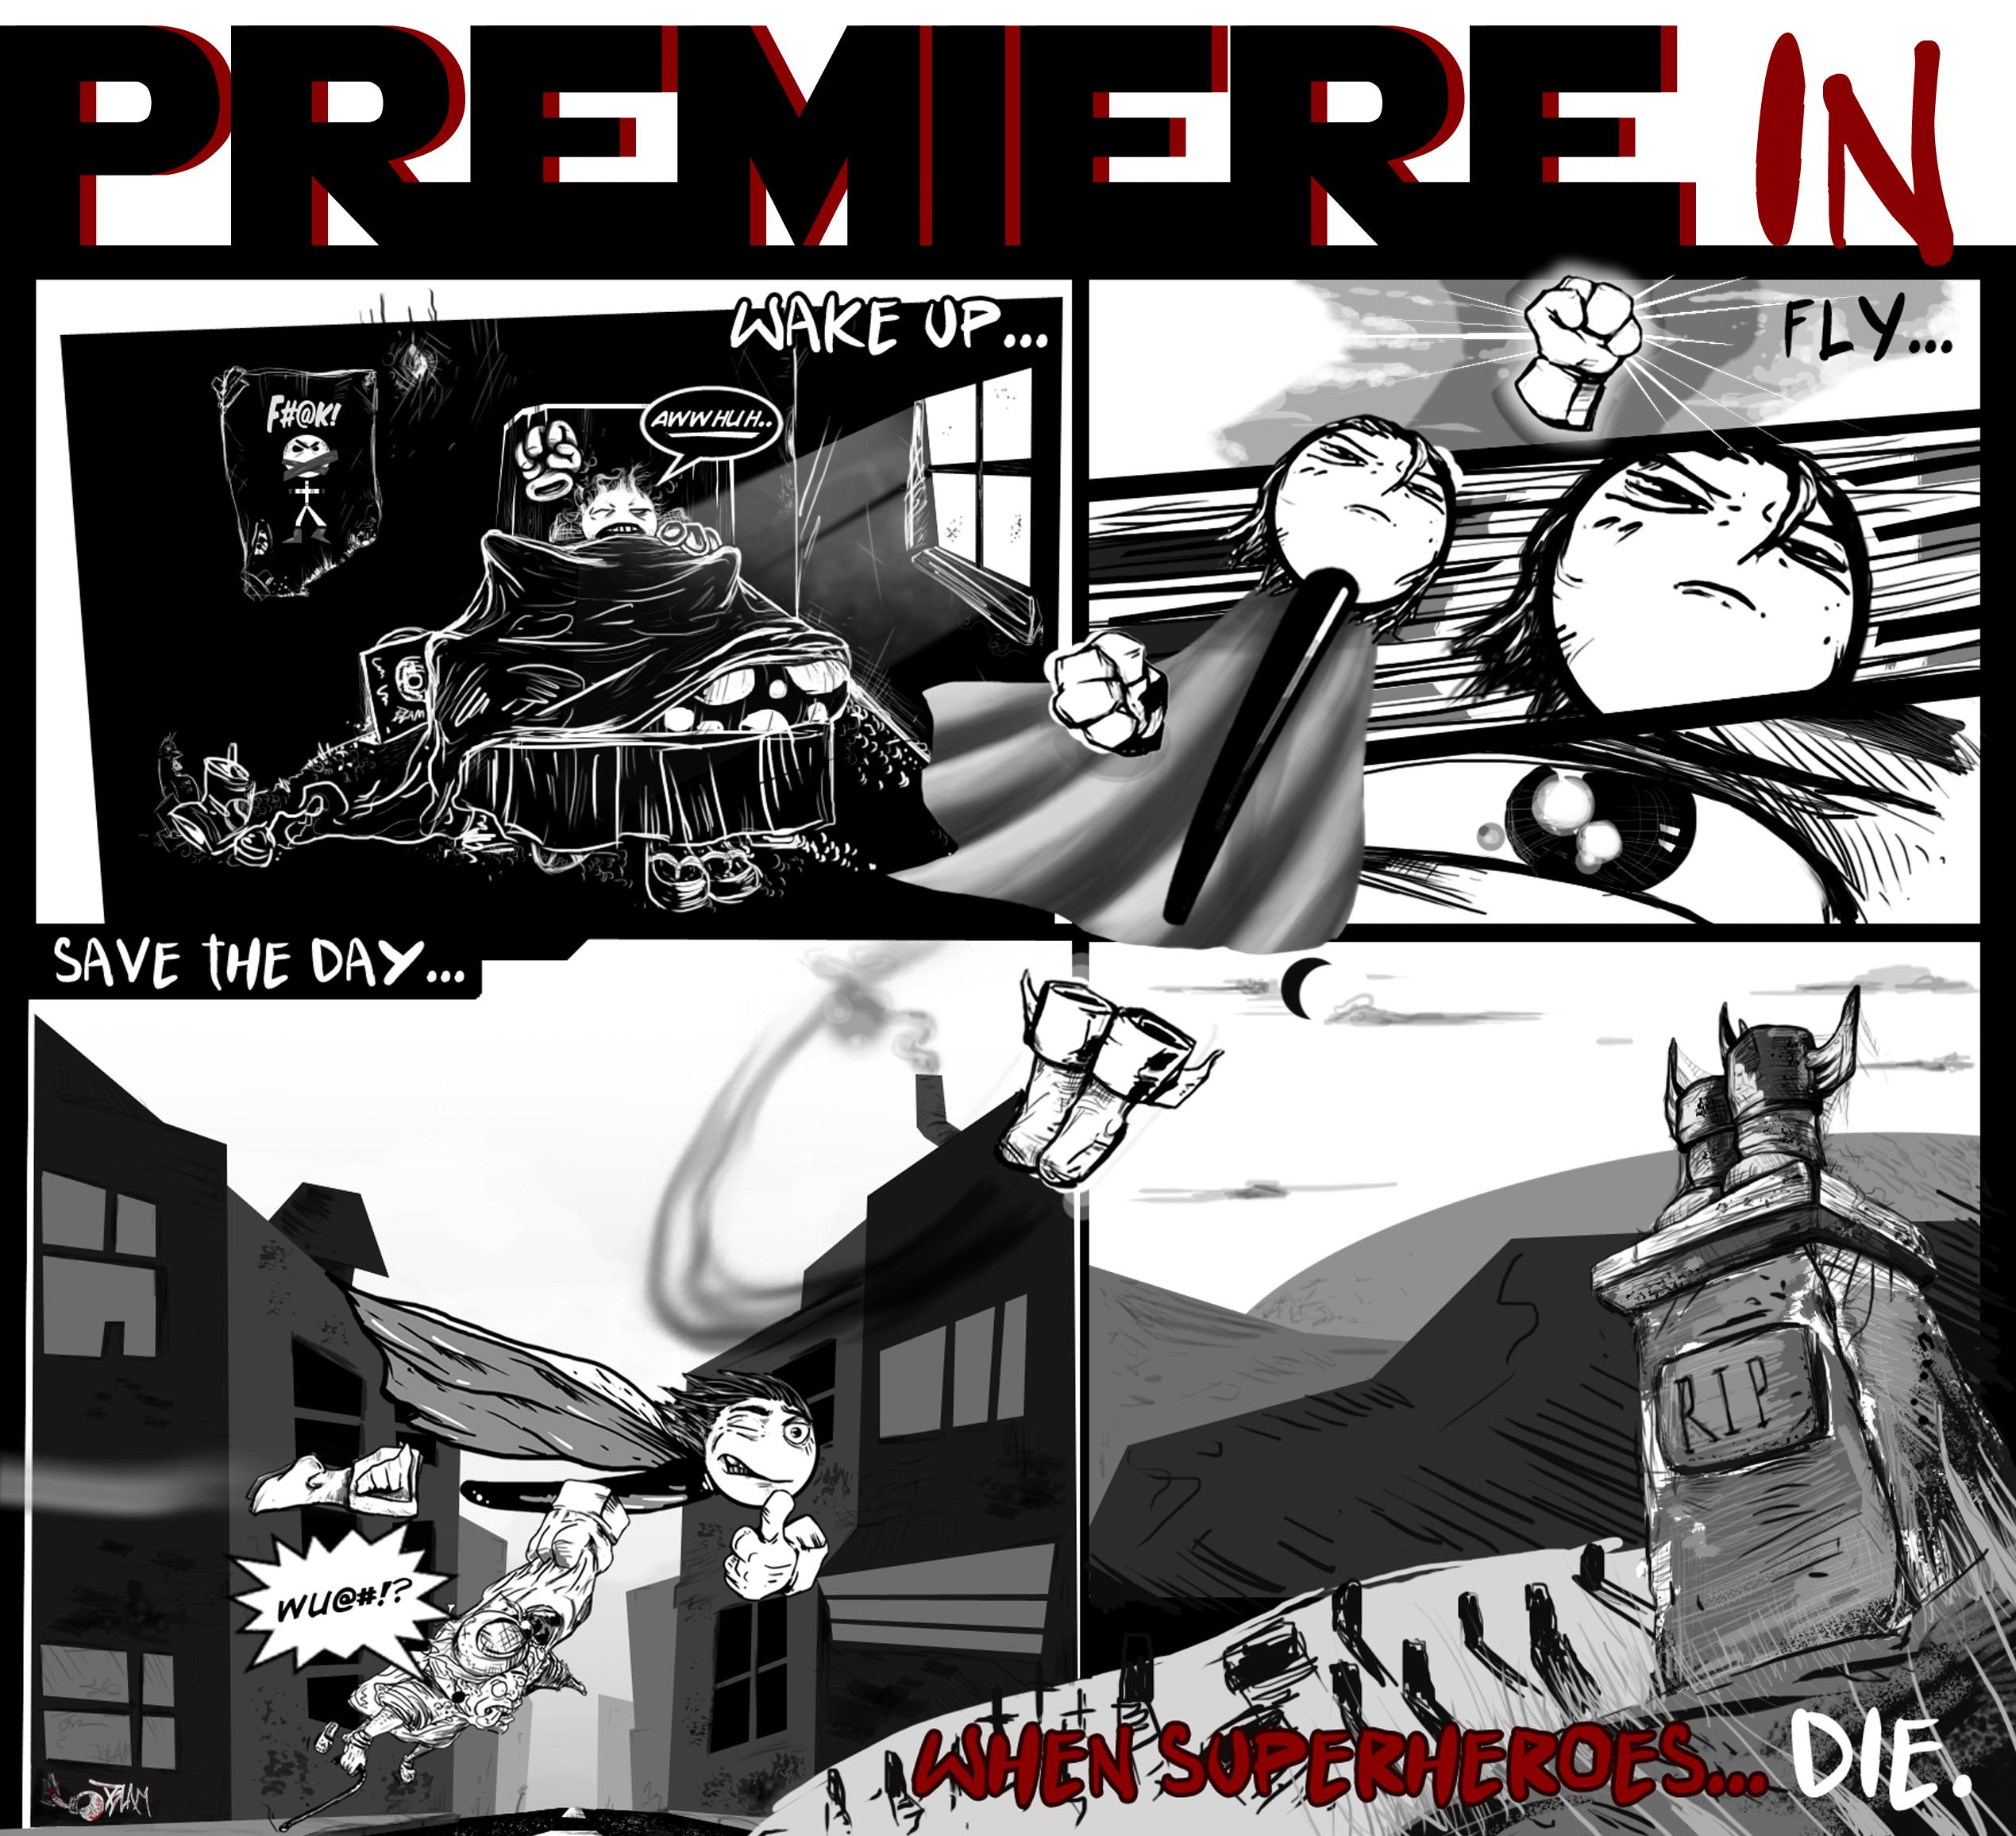 Premiere - When Superheroes Die